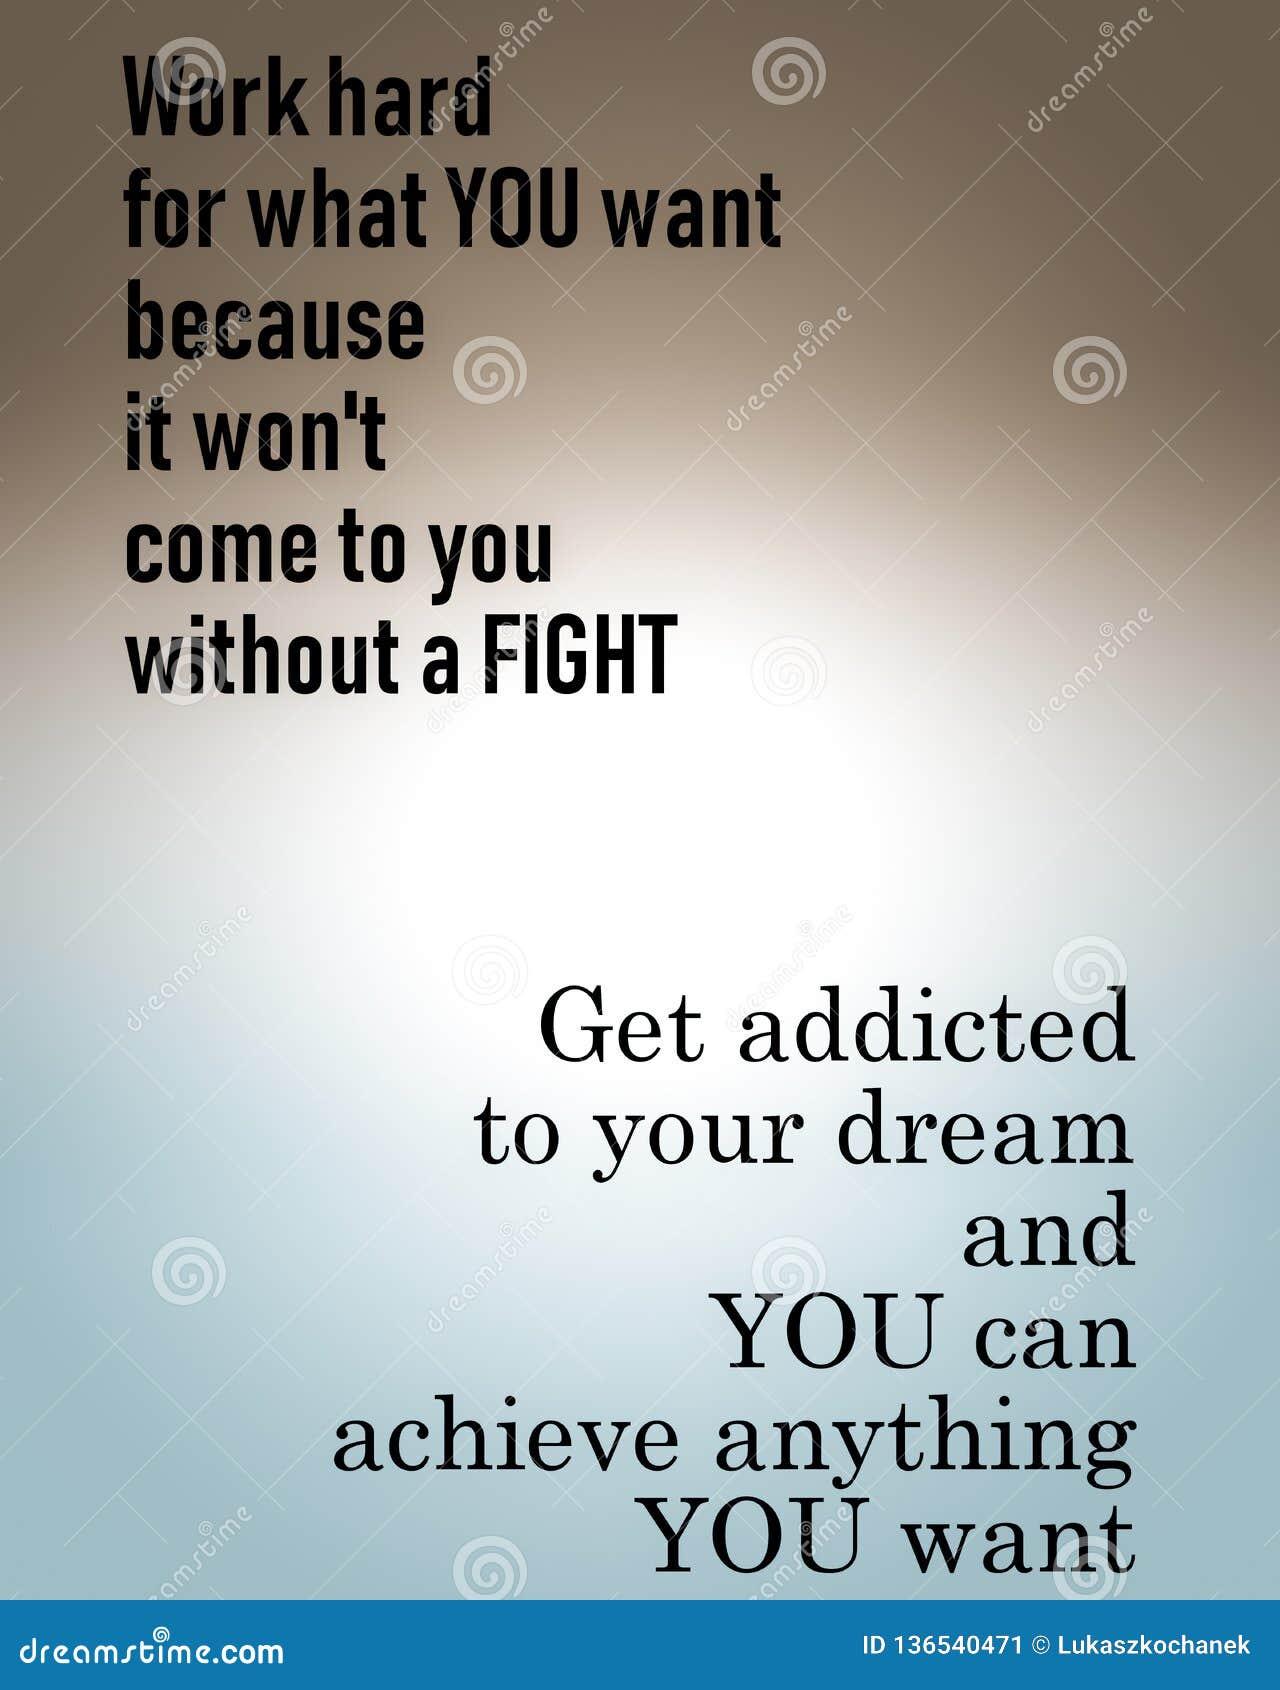 Citation de motivation inspirée, sagesse de la vie - le travailler dur, foyer sur le succès, suivent votre rêve